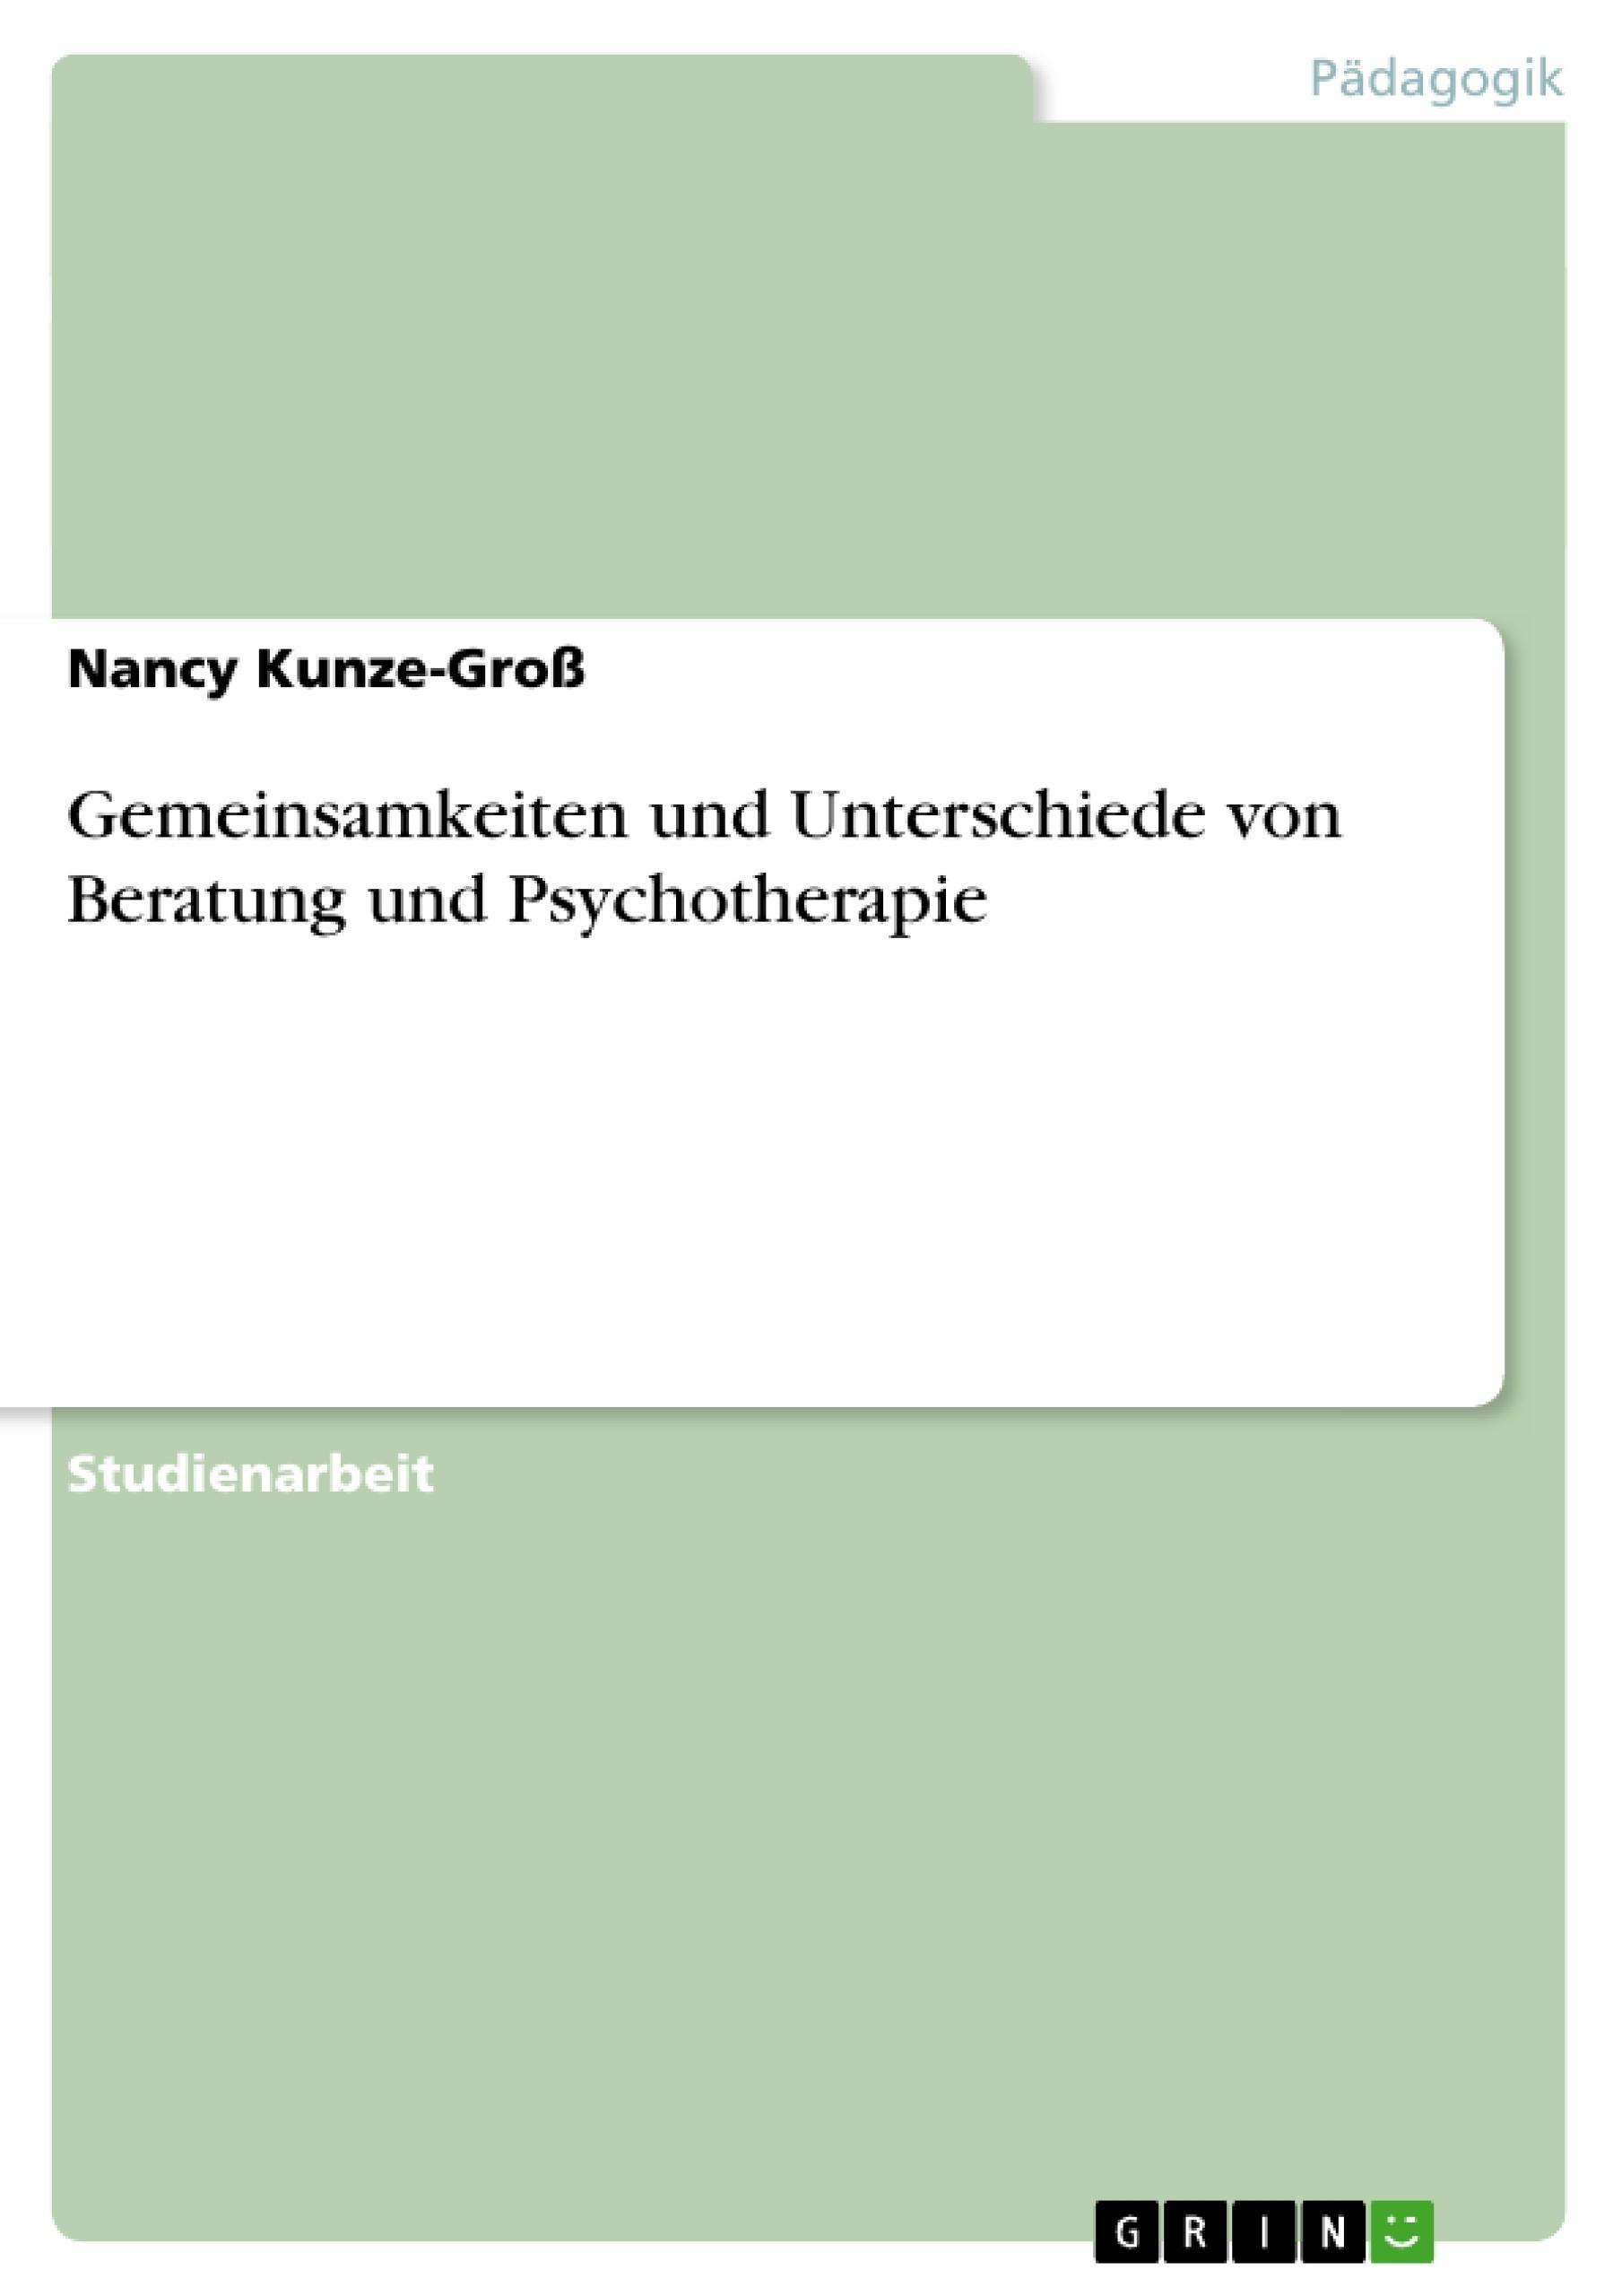 Titel: Gemeinsamkeiten und Unterschiede von Beratung und Psychotherapie